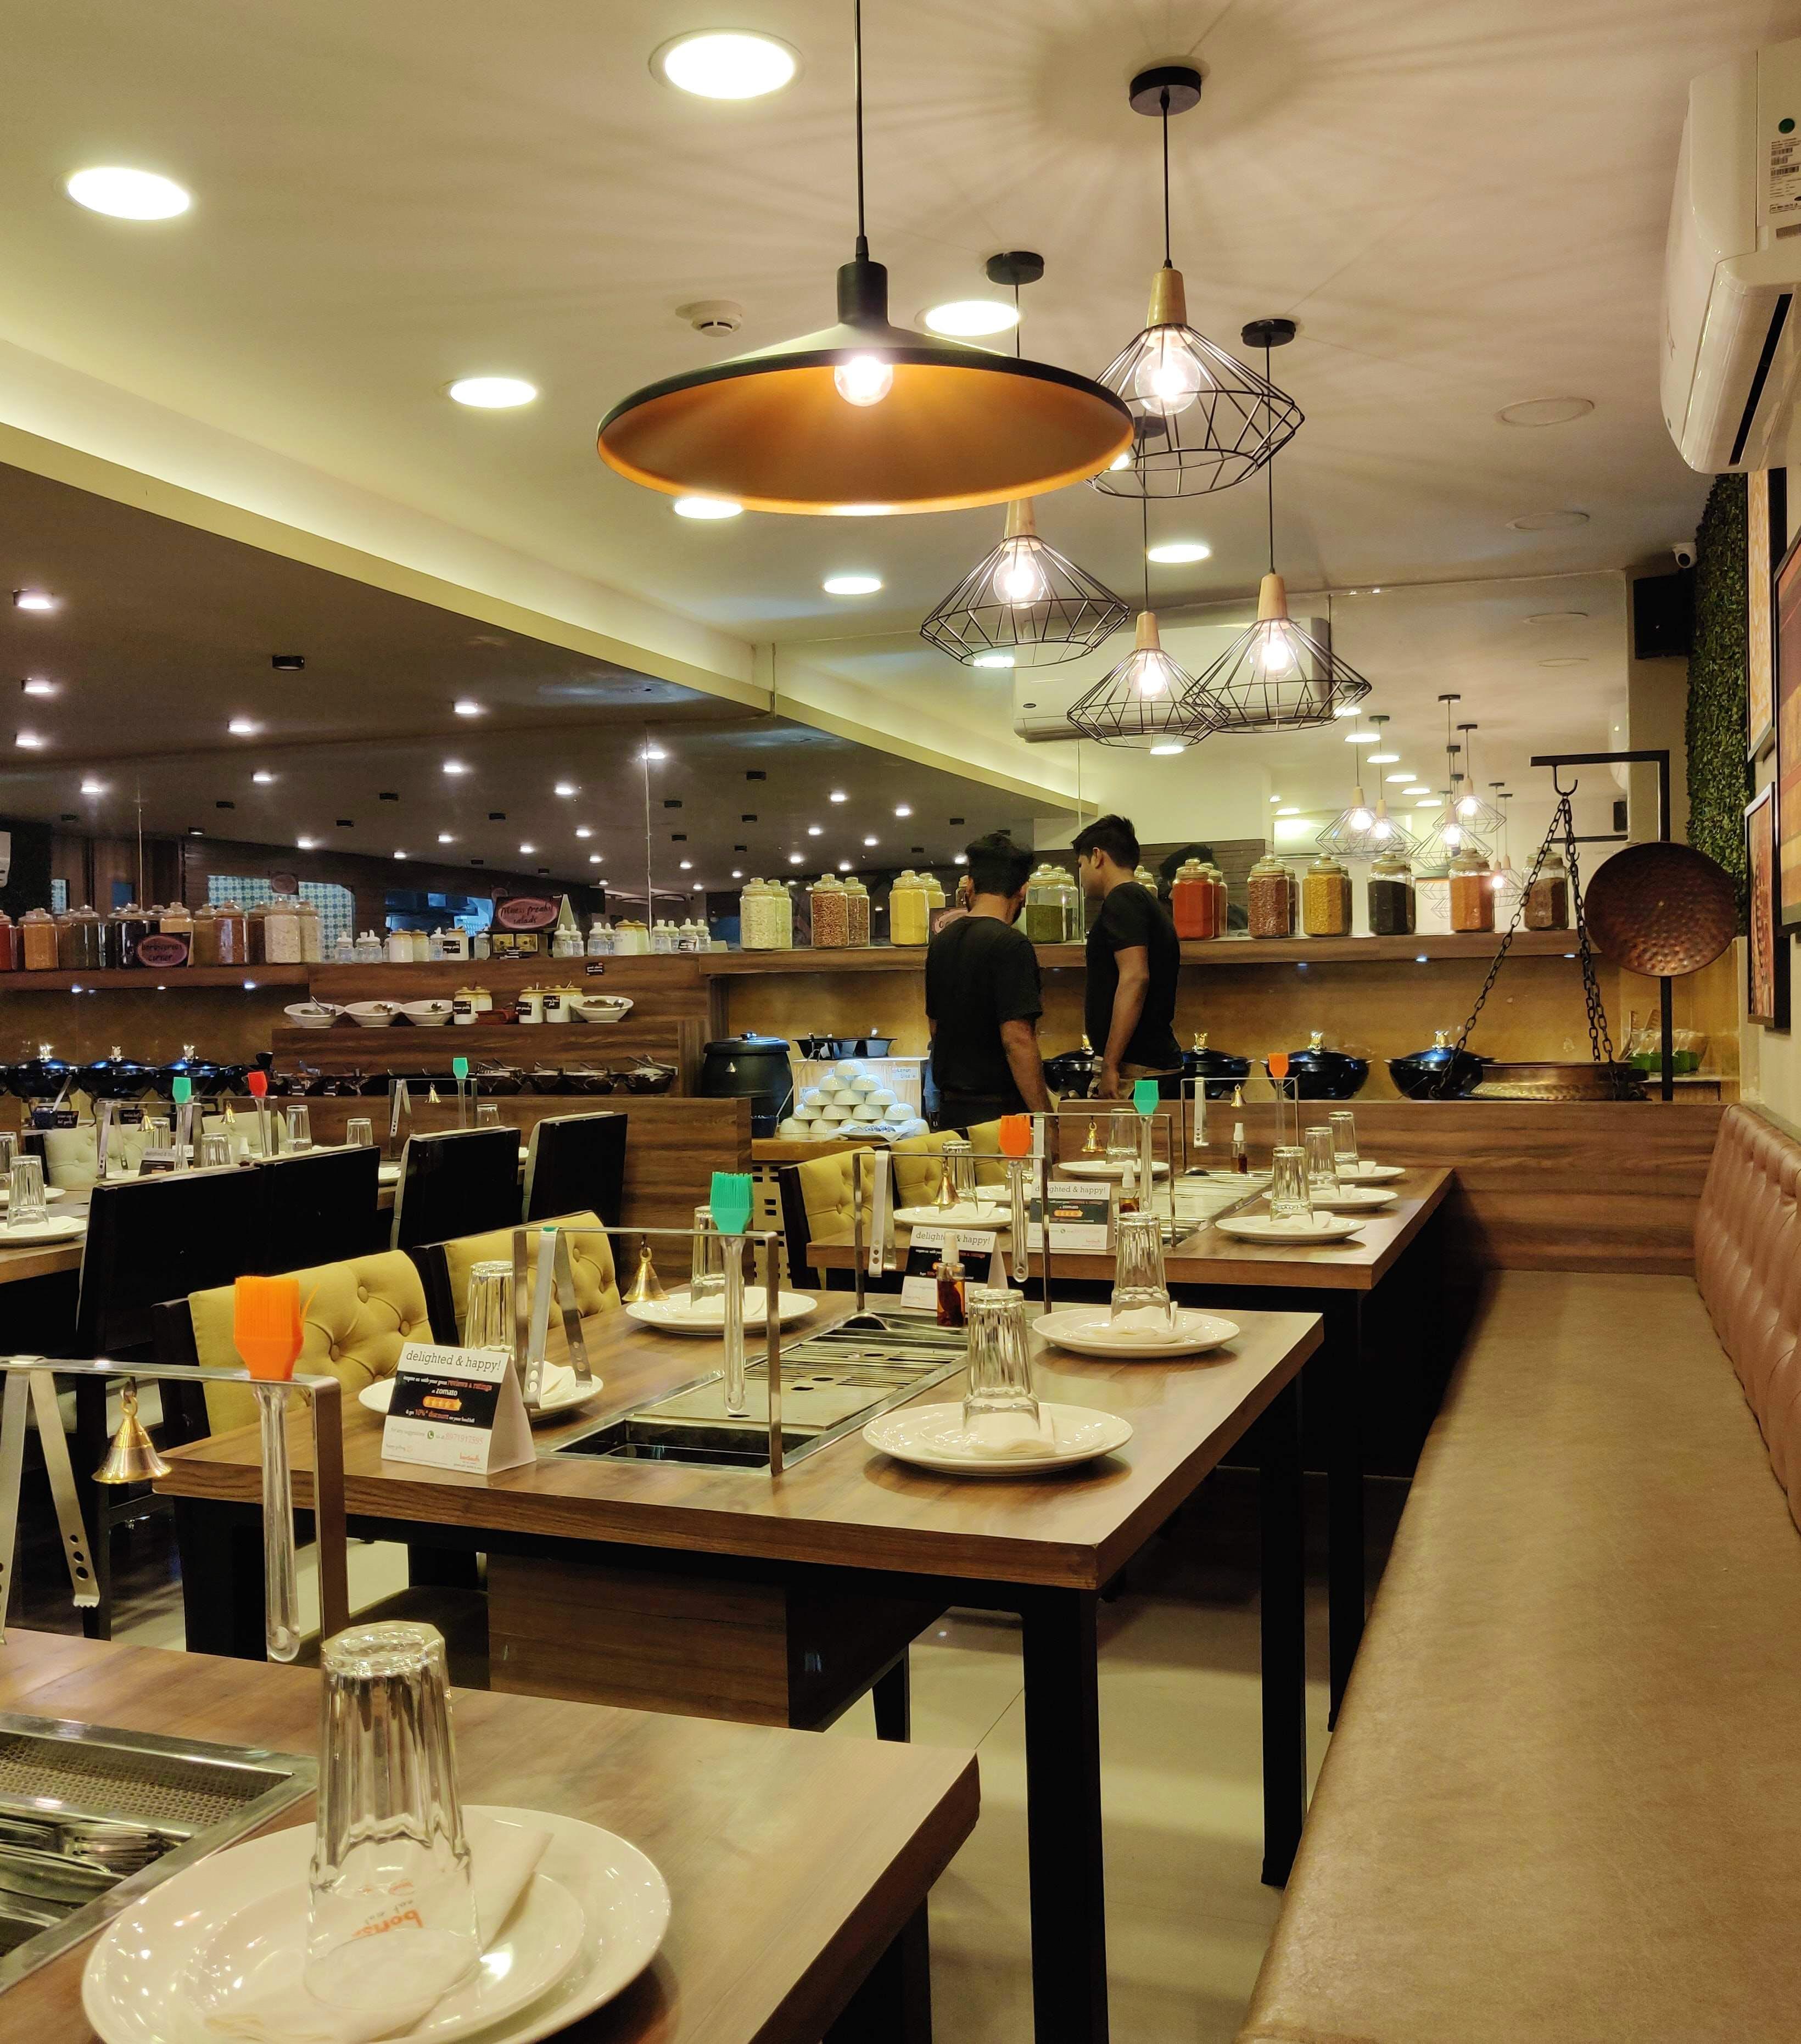 Restaurant,Building,Interior design,Table,Room,Ceiling,Cafeteria,Barware,Café,Furniture